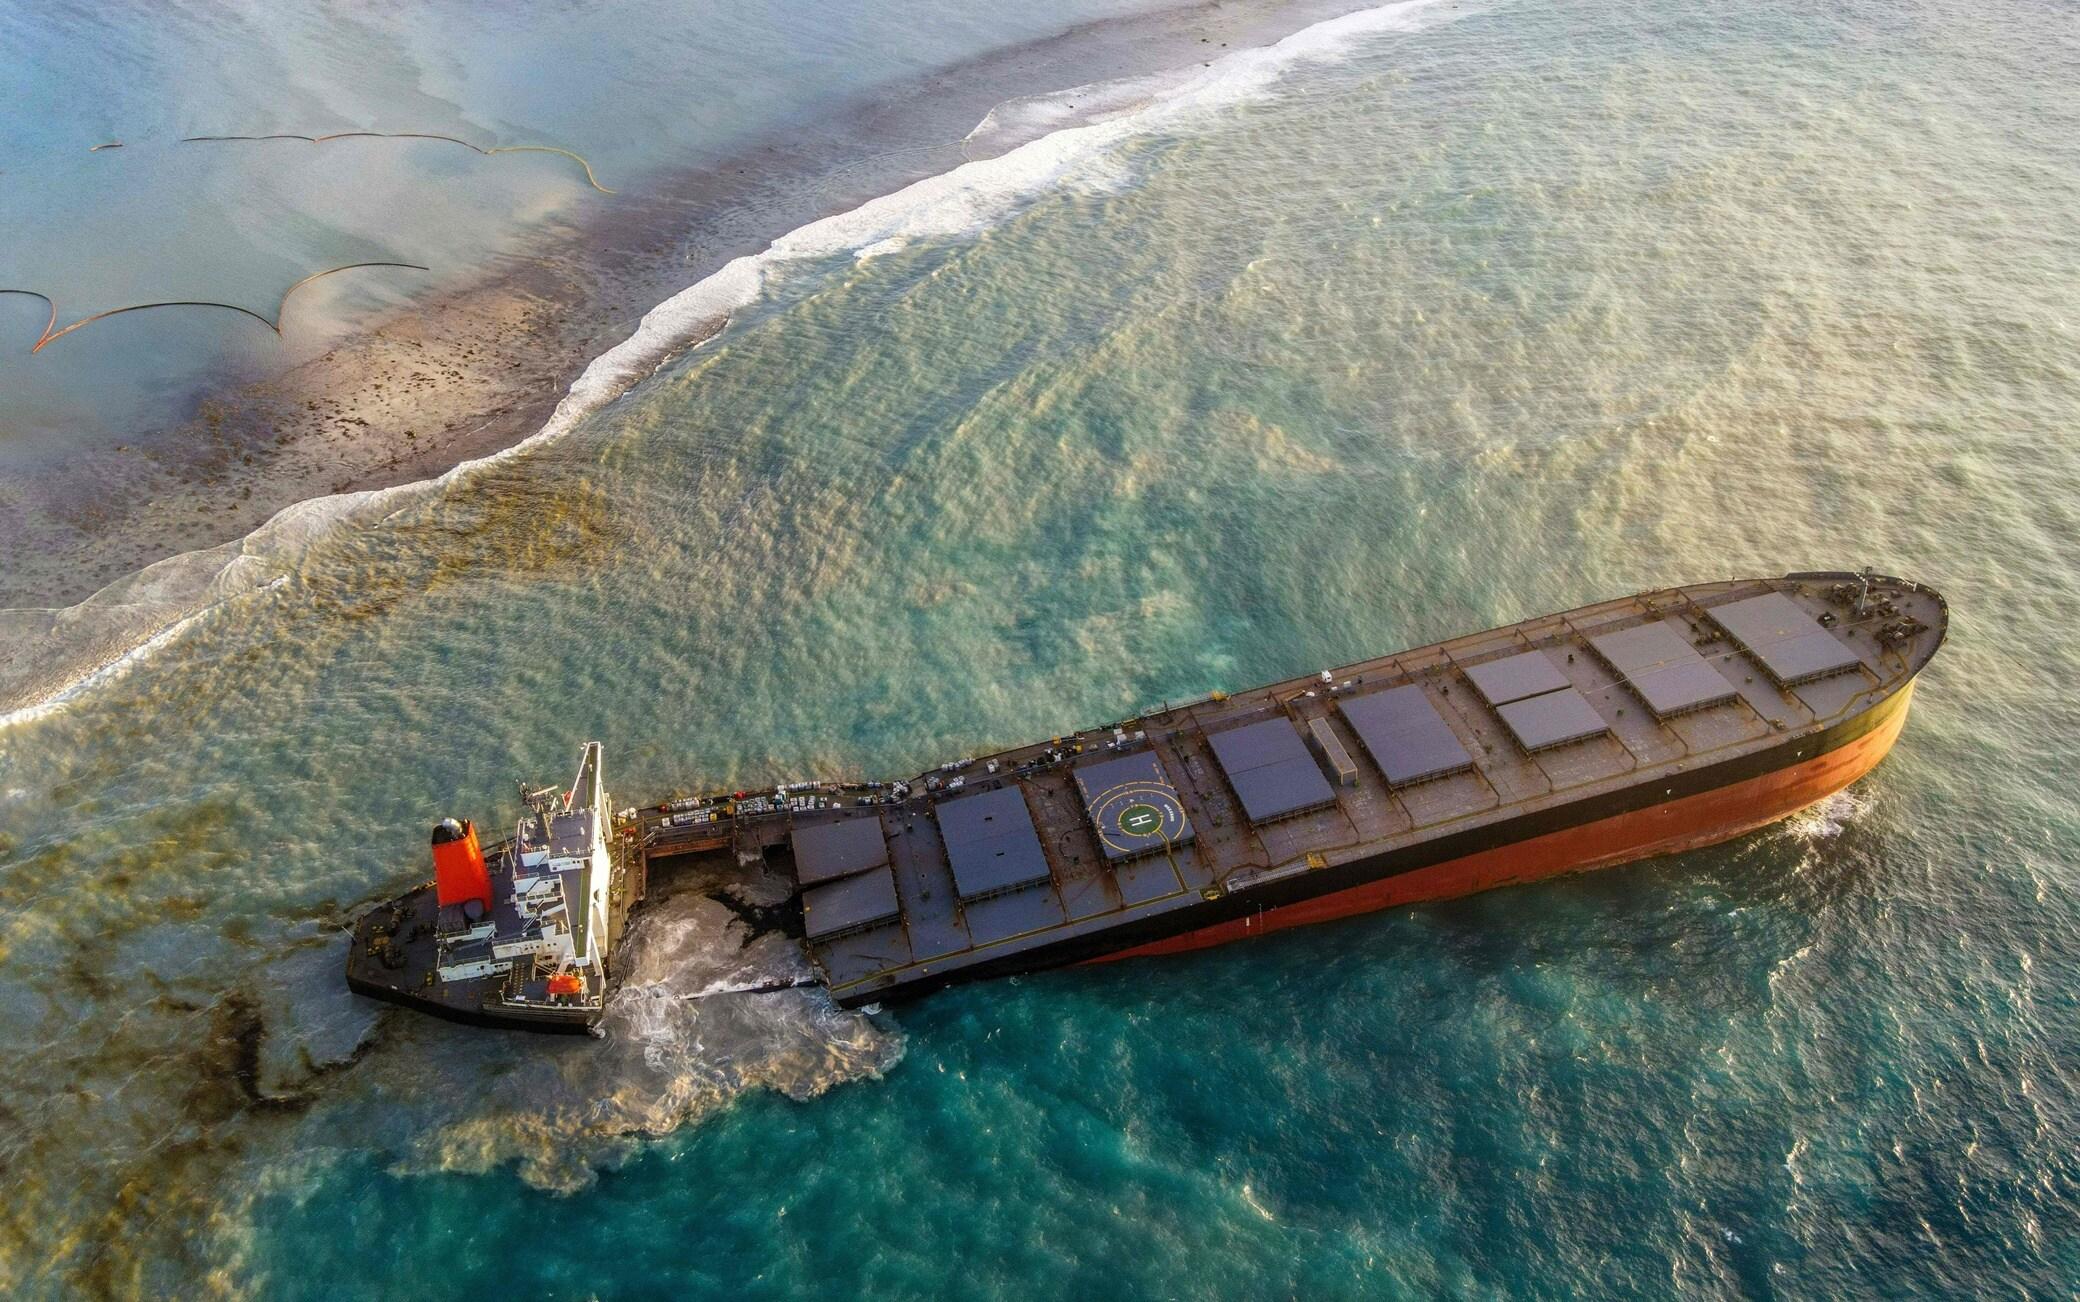 La nave incagliata alle Mauritius - ©Getty